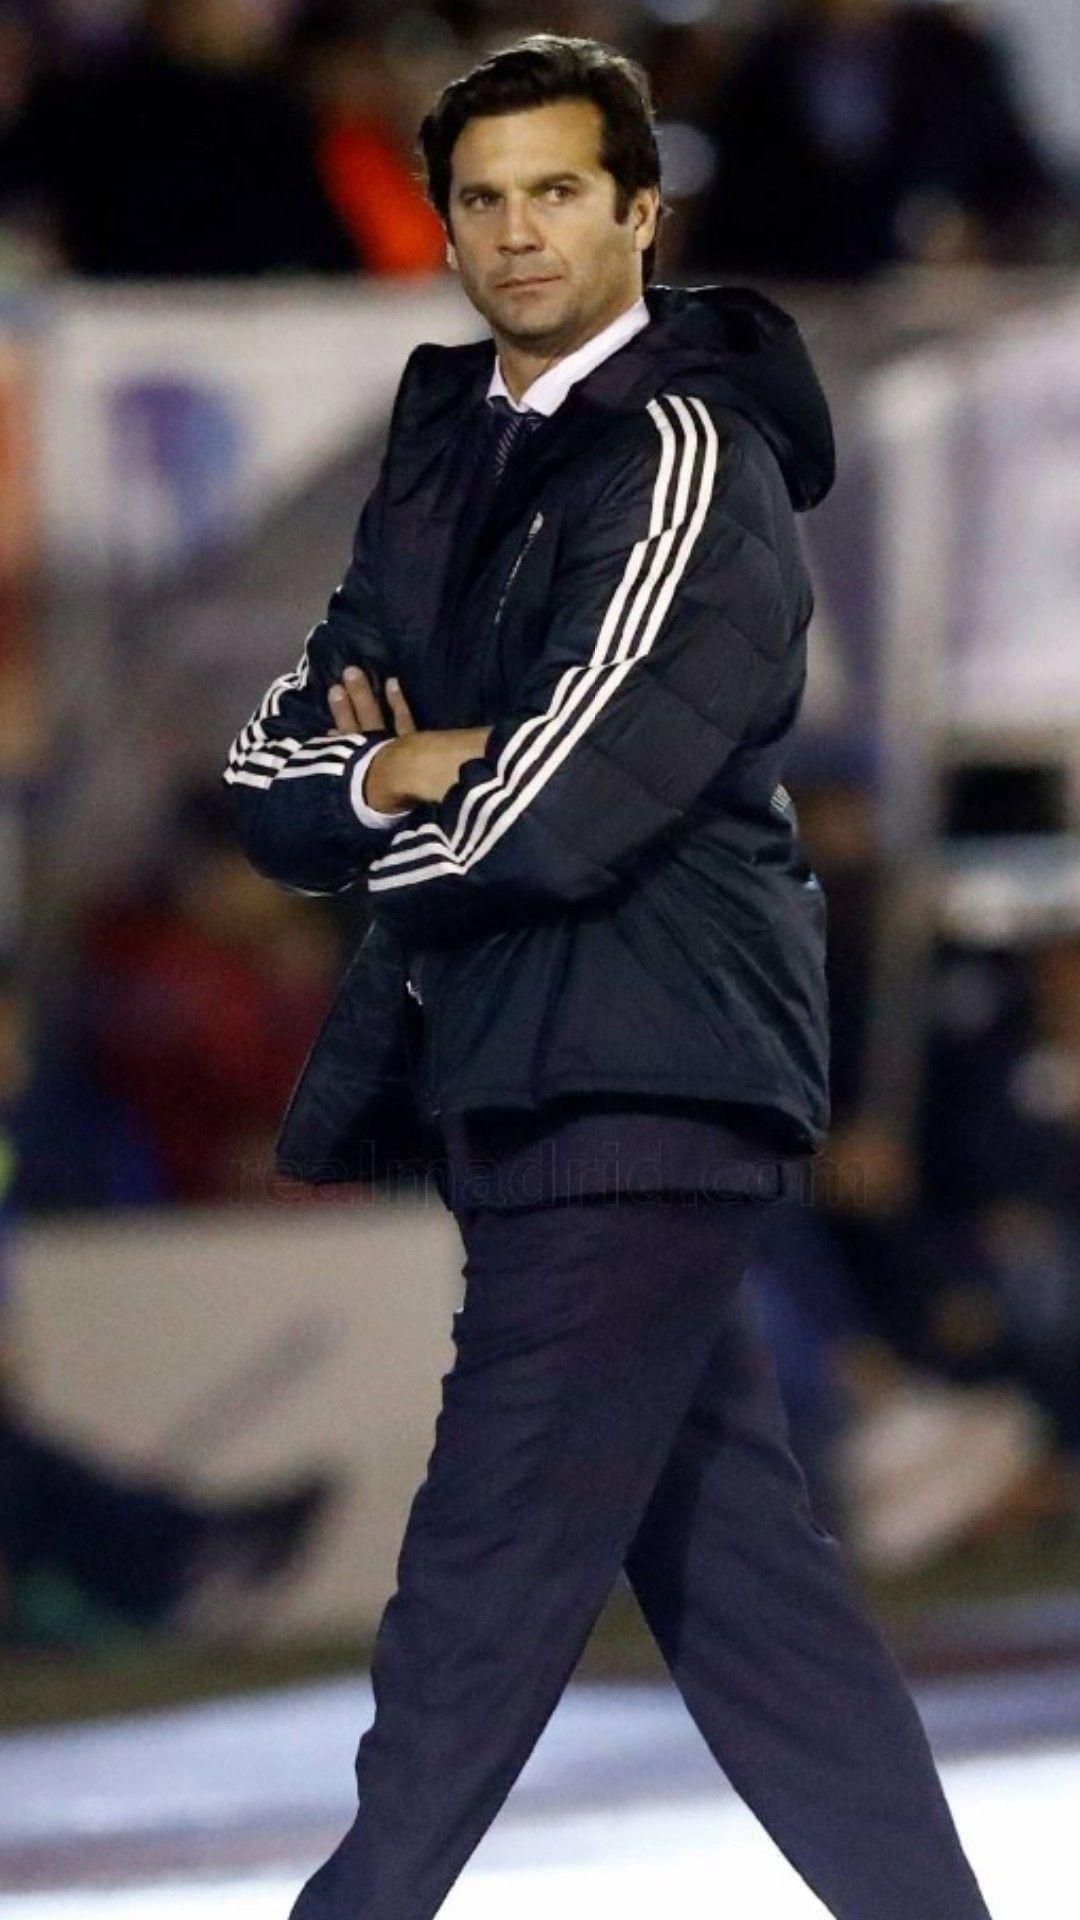 Santiago Solari (entrenador). Debut tras la destitución de Julen Lopetegui el (31/10/2018).